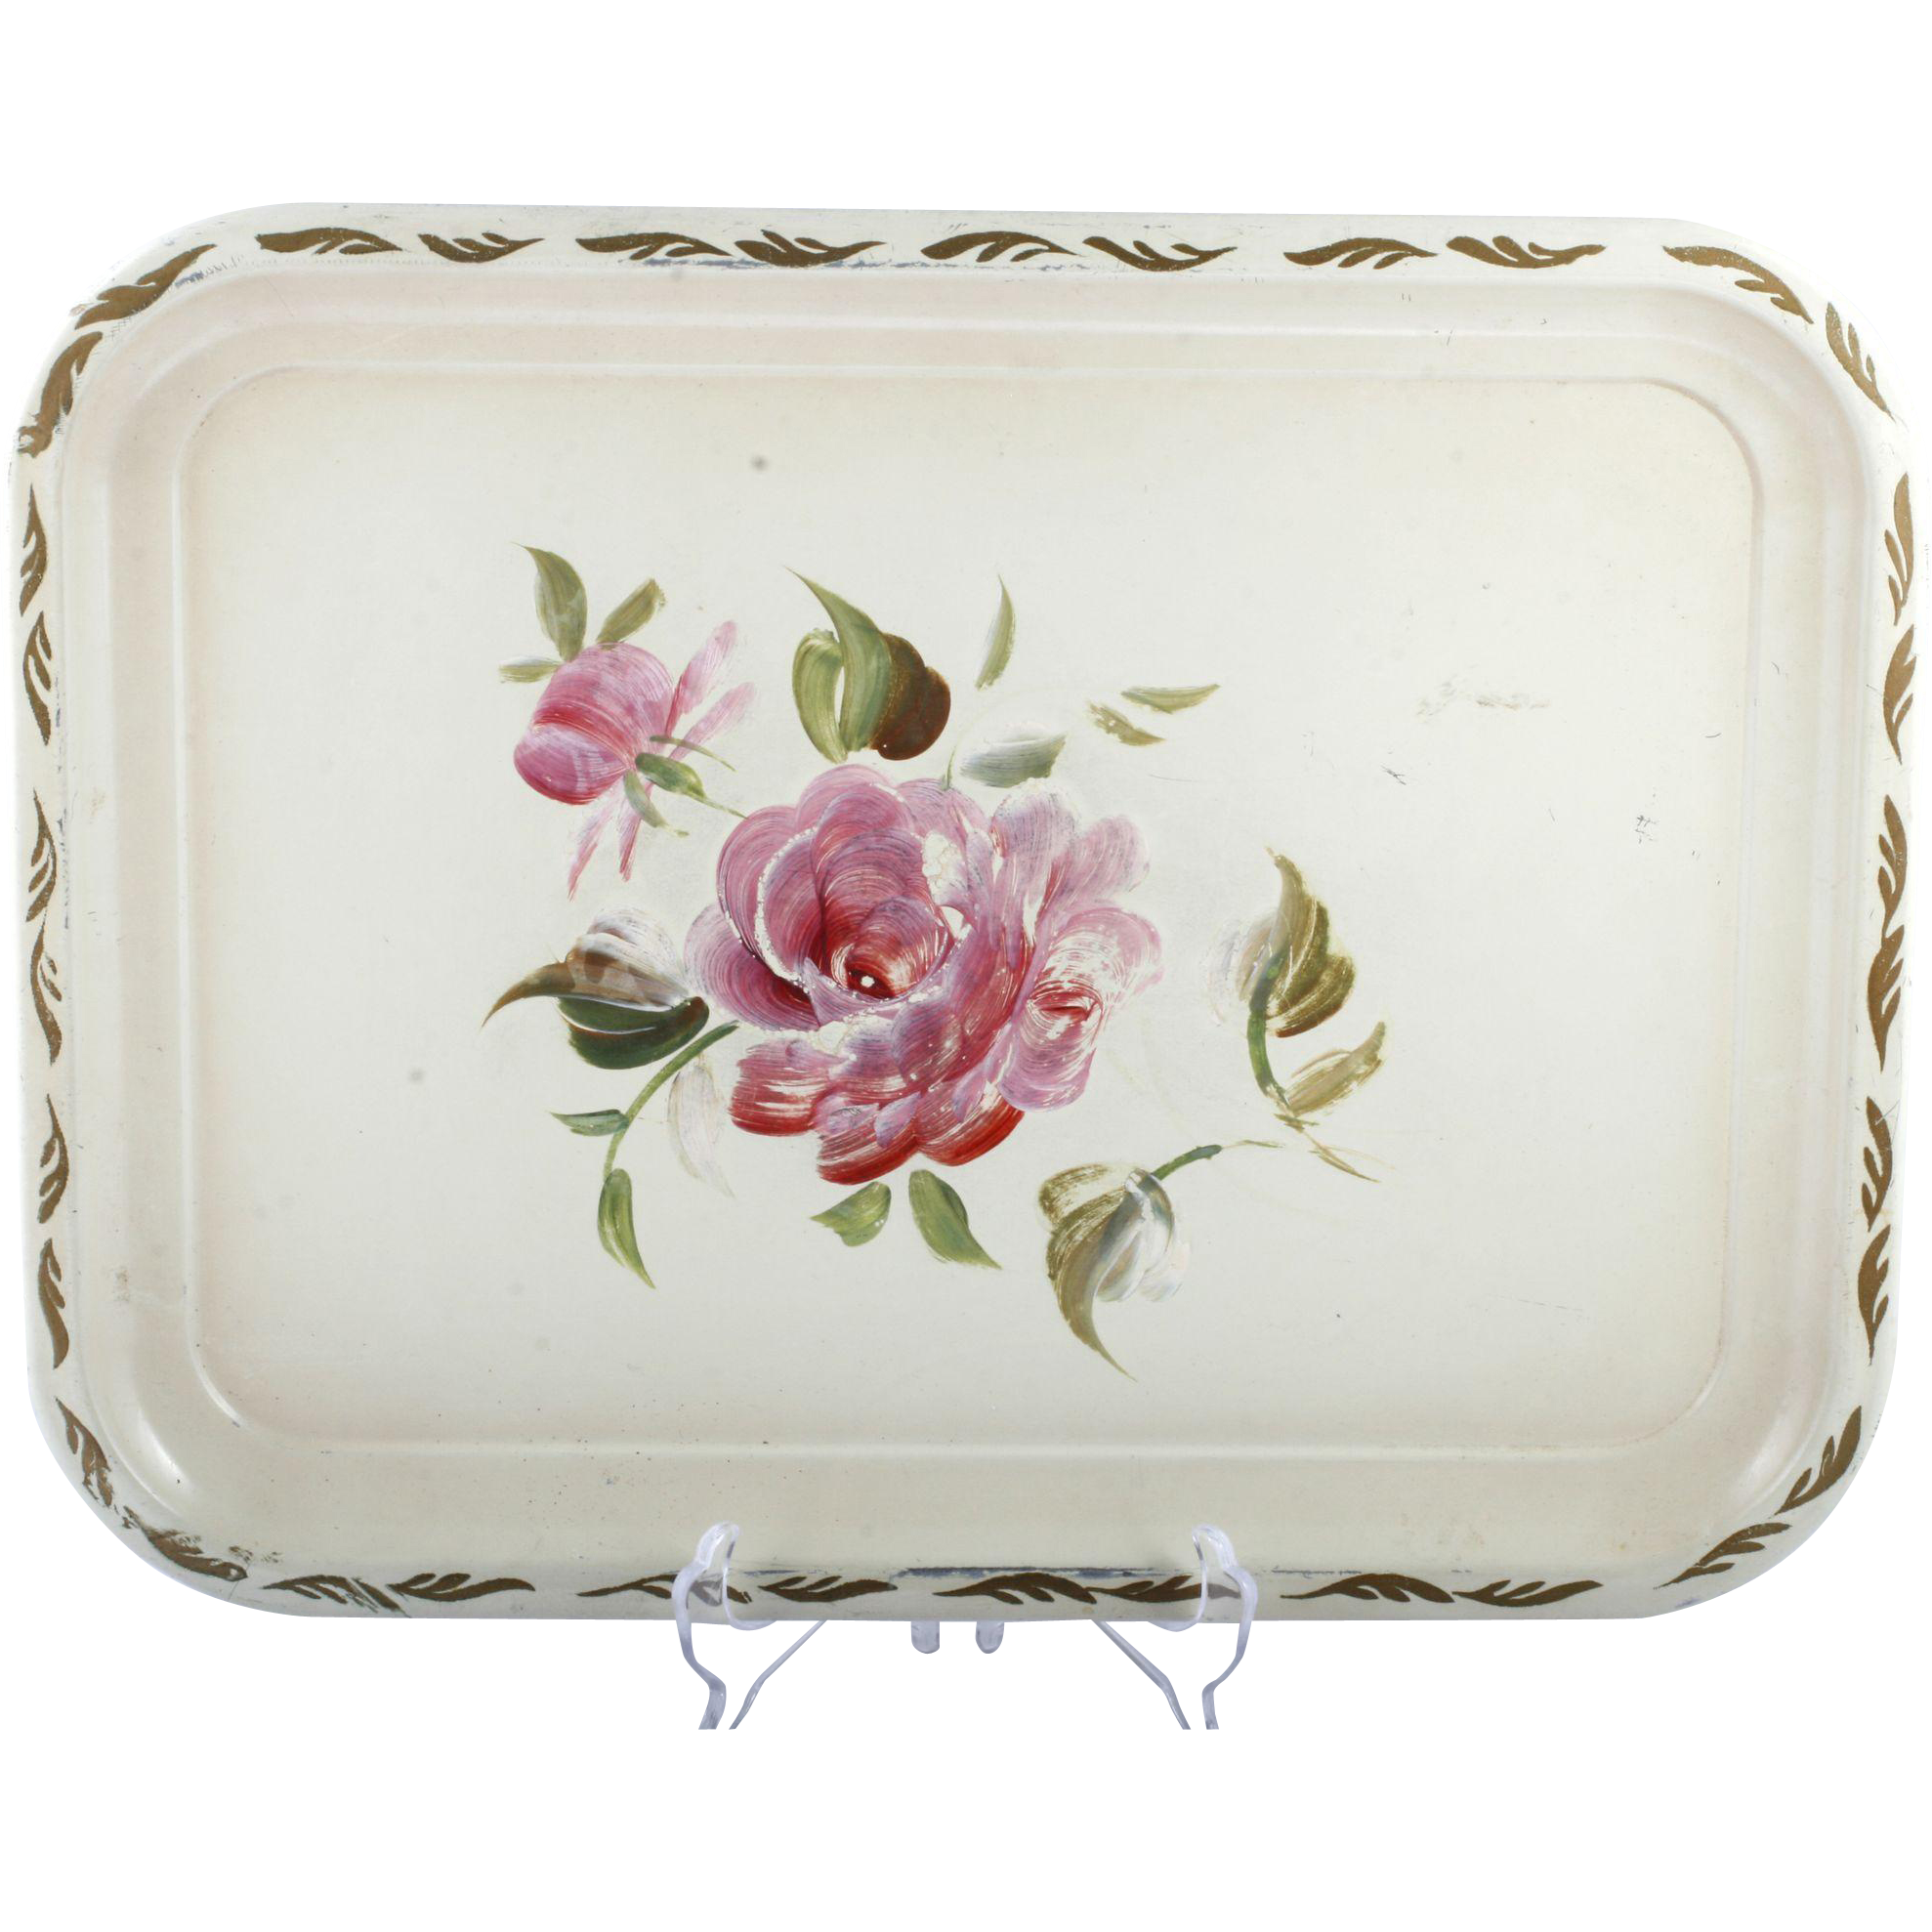 Tin tray pink rose nashco new york vintage gold trim metal hand